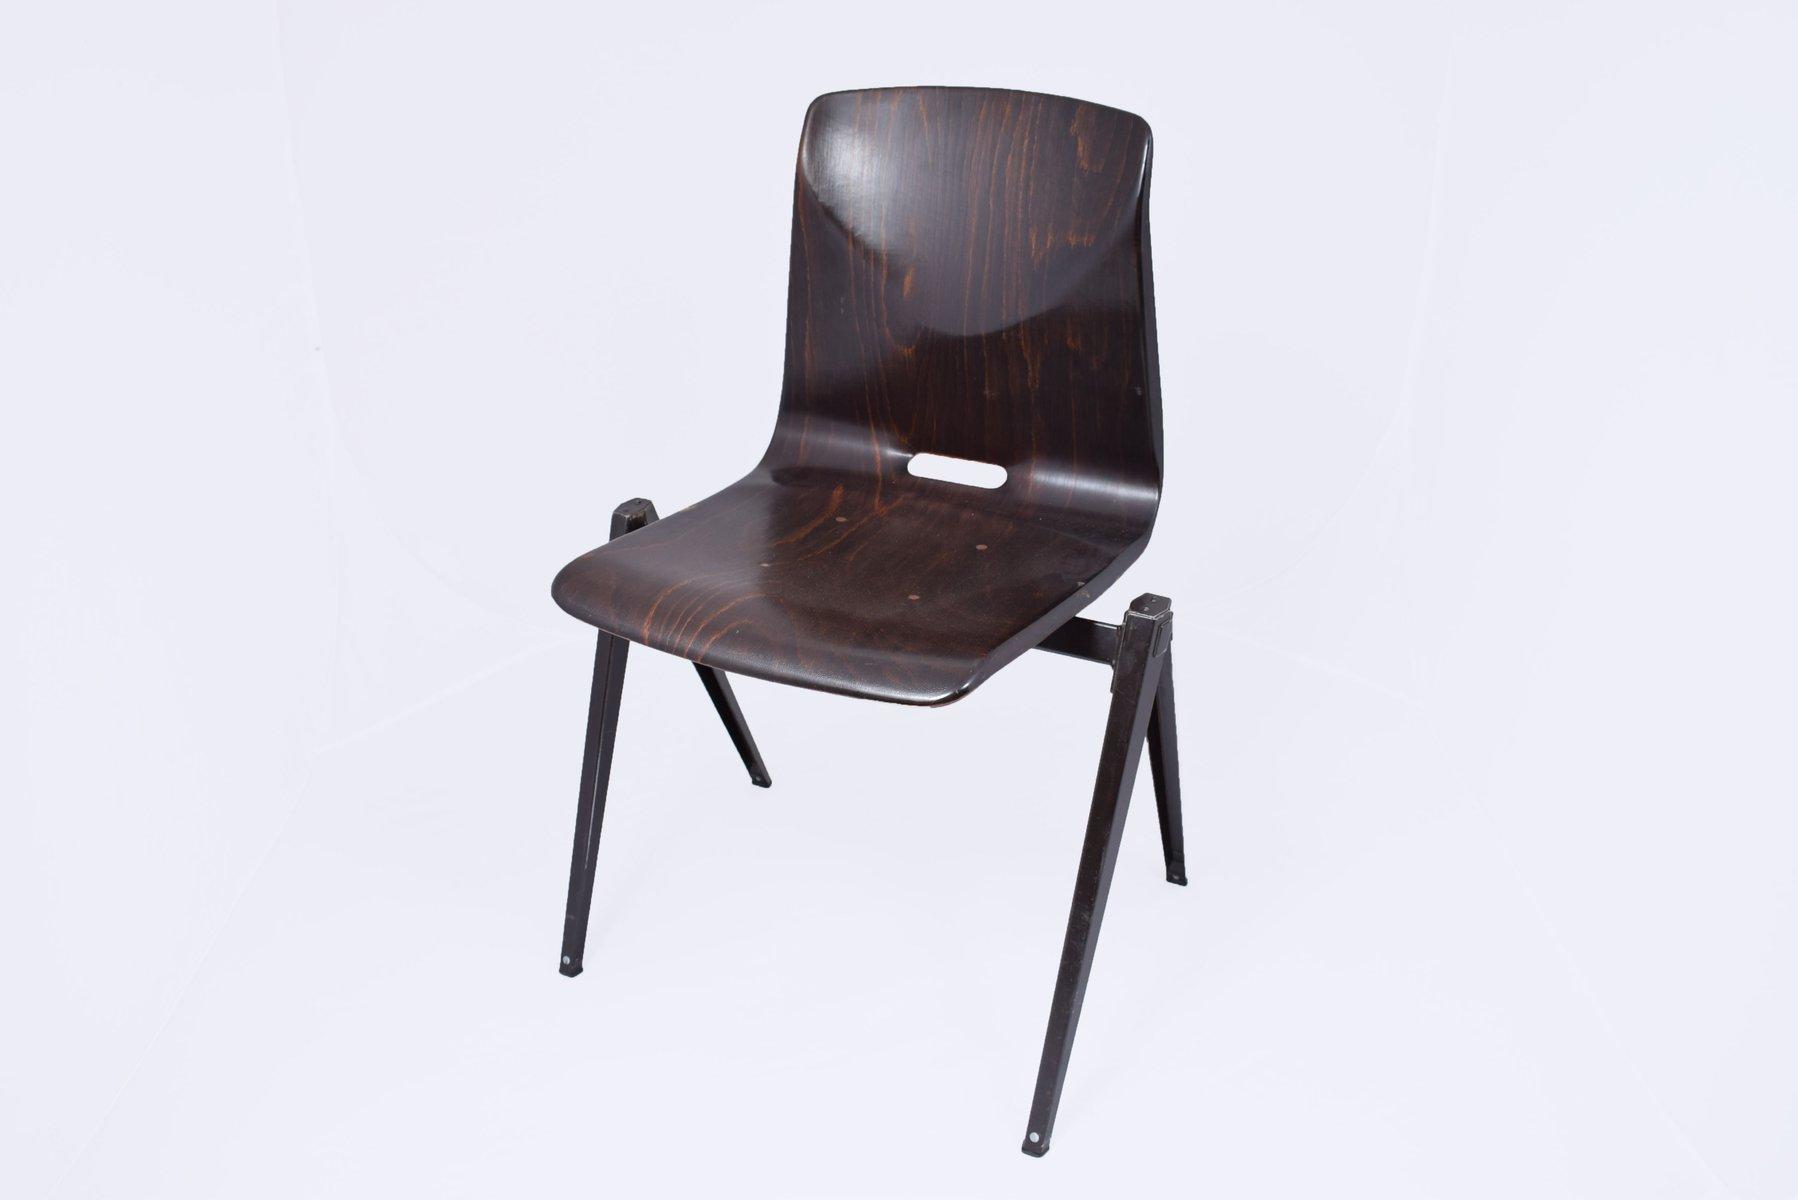 Dunkelbrauner s22 stuhl von galvanitas 1967 bei pamono kaufen for Dunkelbrauner stuhl